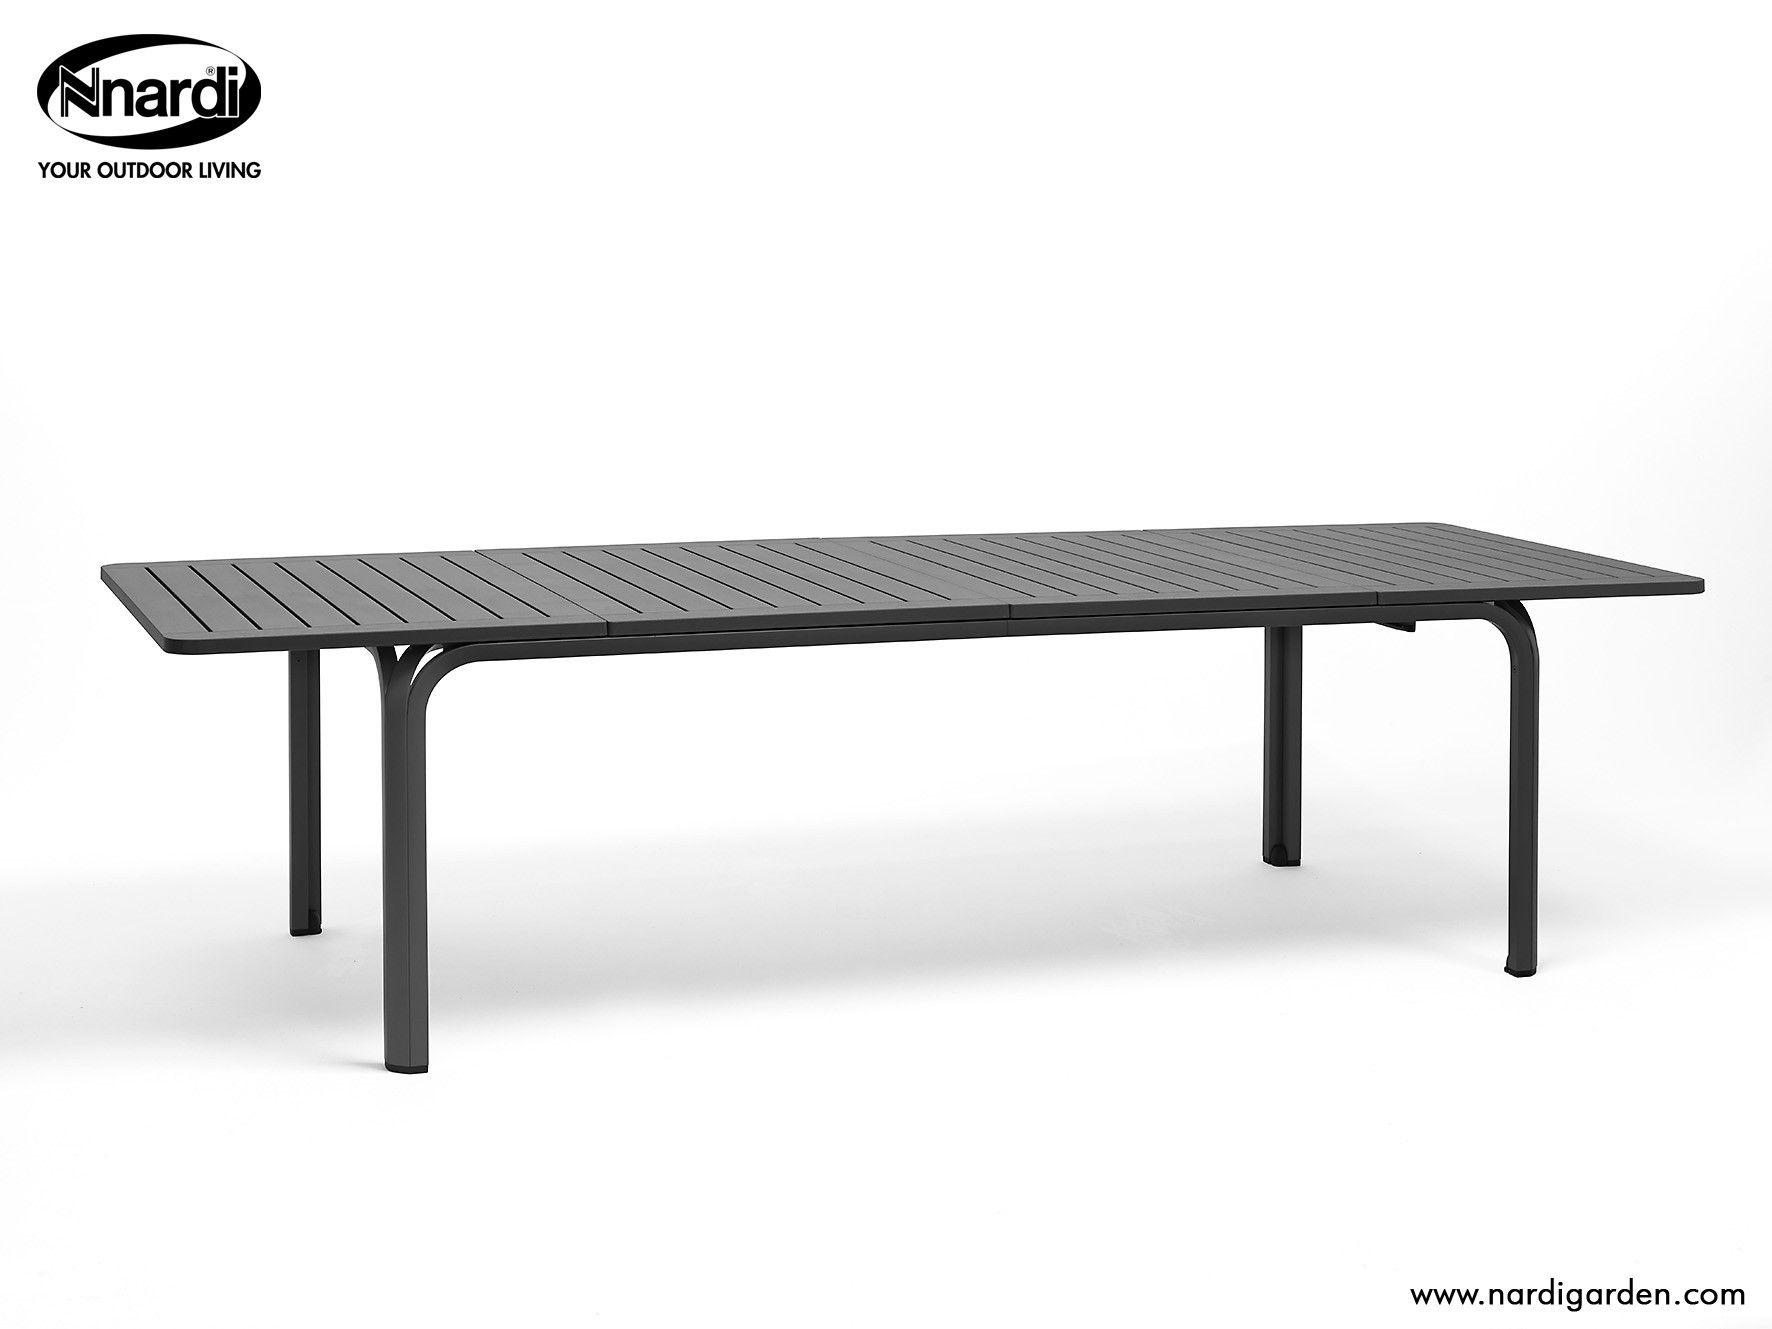 Alloro 210 Ausziehtisch Ausziehtisch Tisch Und Ausziehen